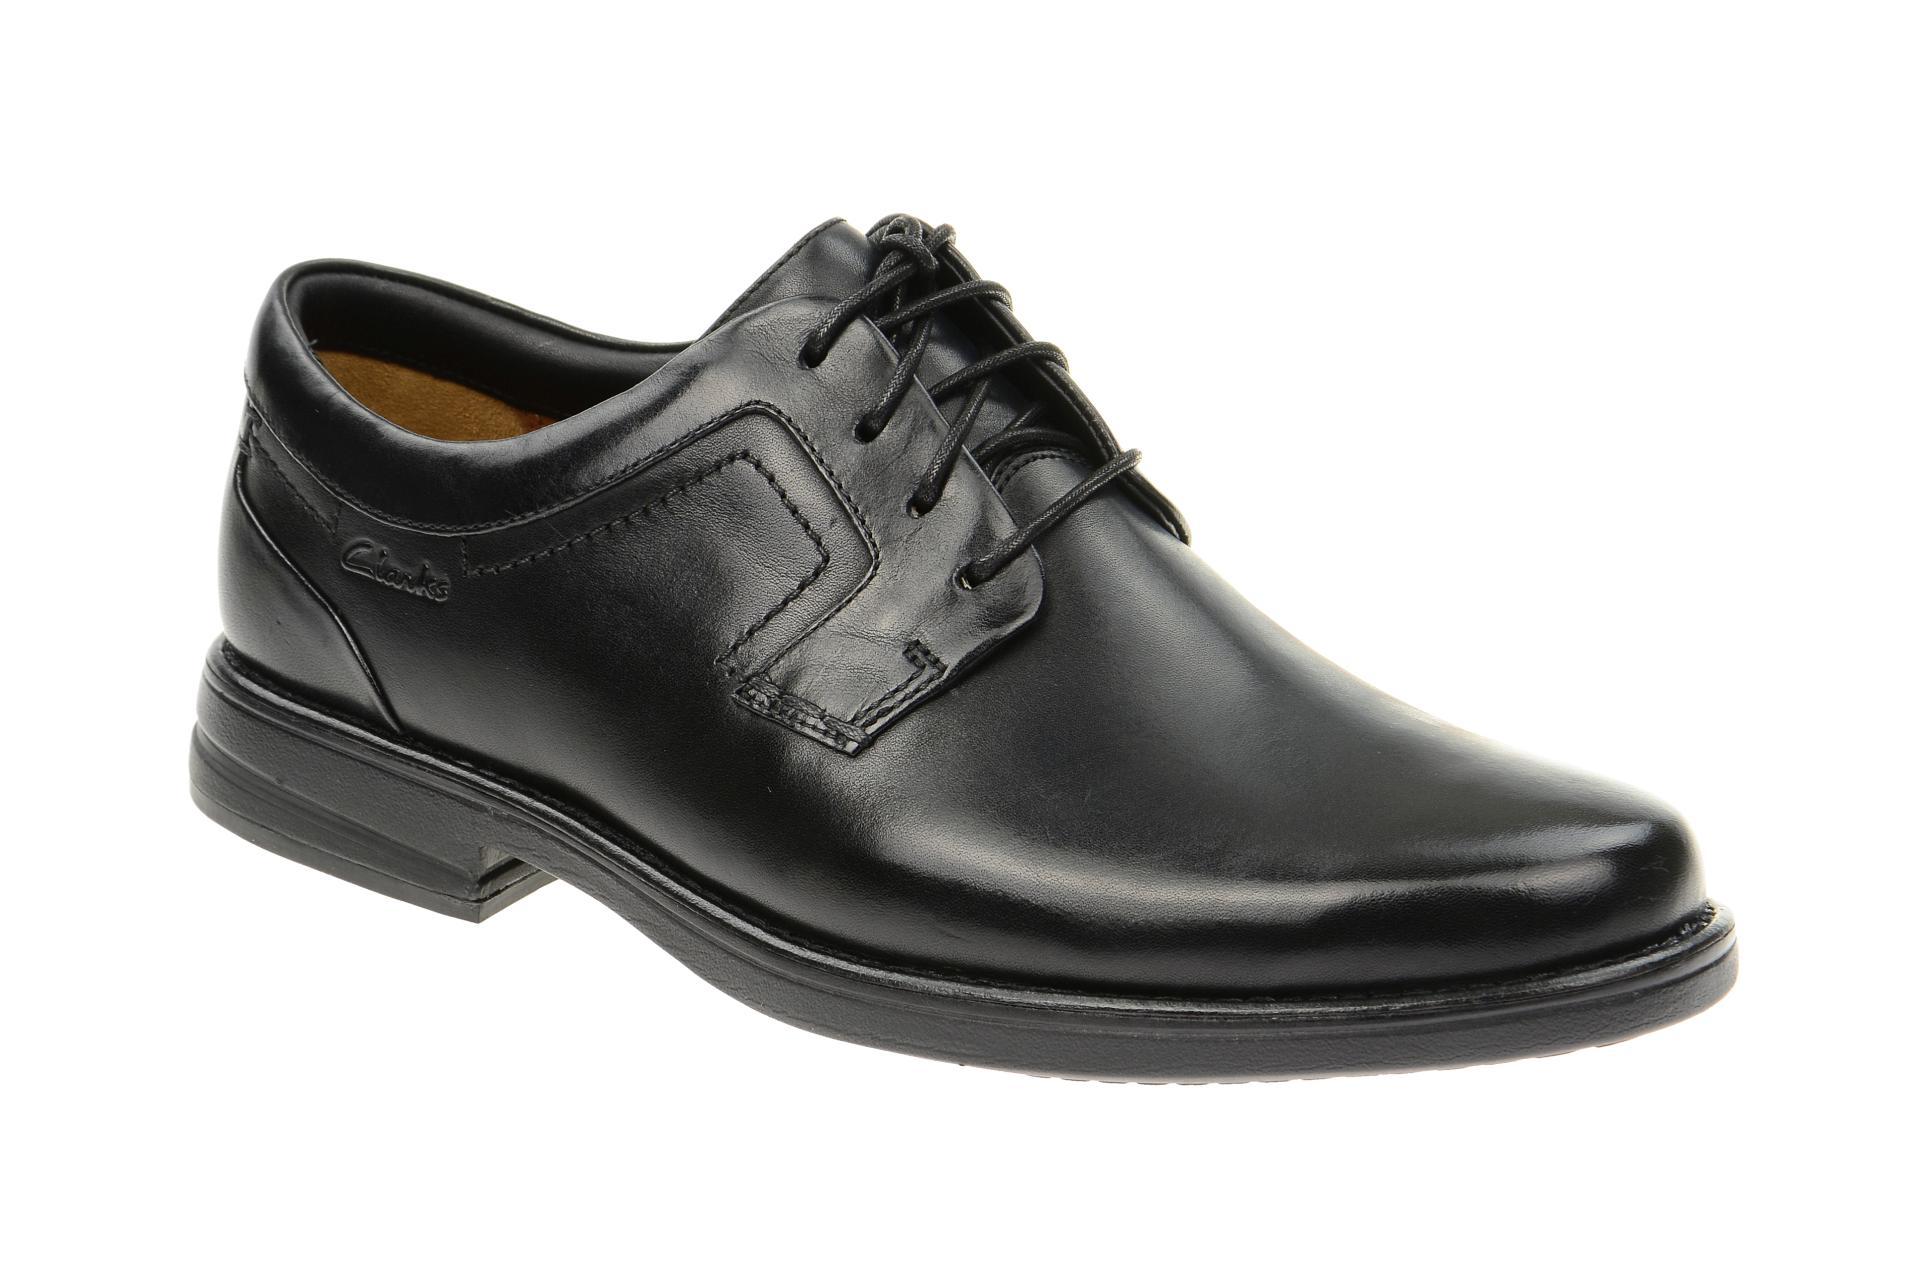 Diez estoy de acuerdo con Mal humor  Clarks Carter Air Schuhe schwarz Extra Weit - 20341228 8 | Alte Artikel |  Schuhhaus Strauch